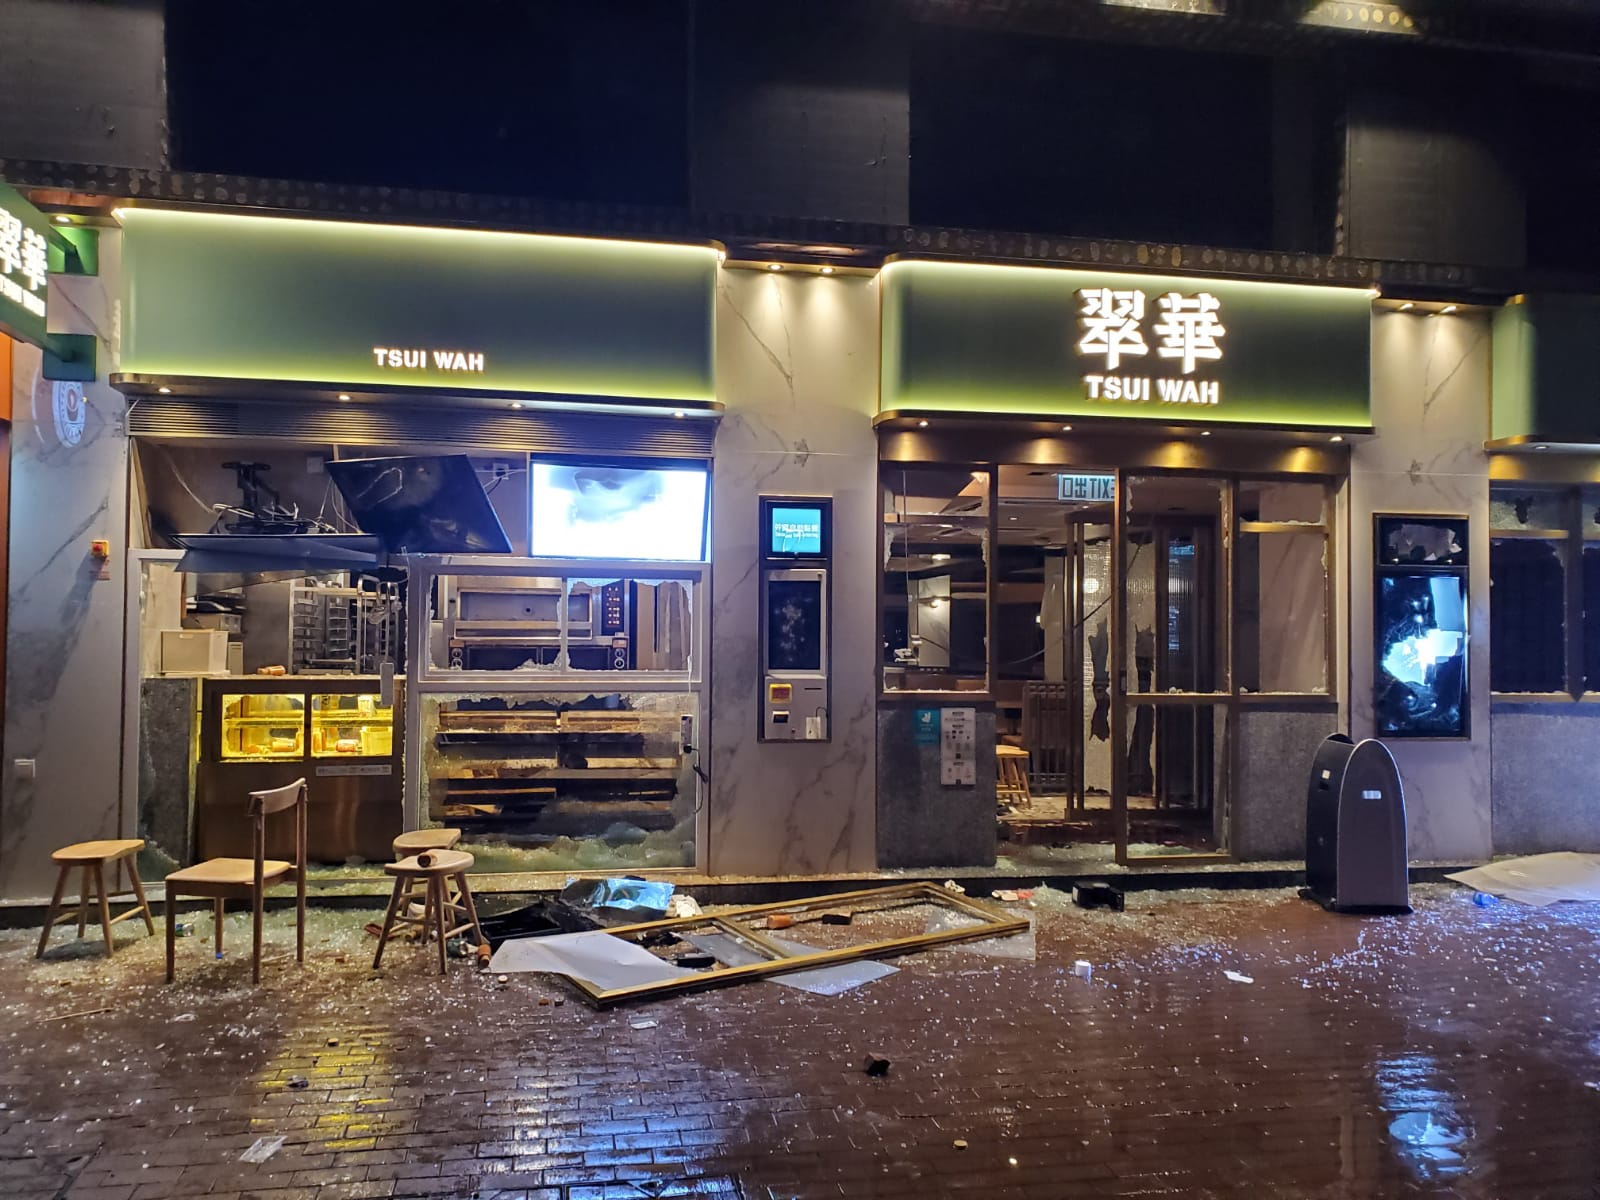 旺角翠華遭破壞。